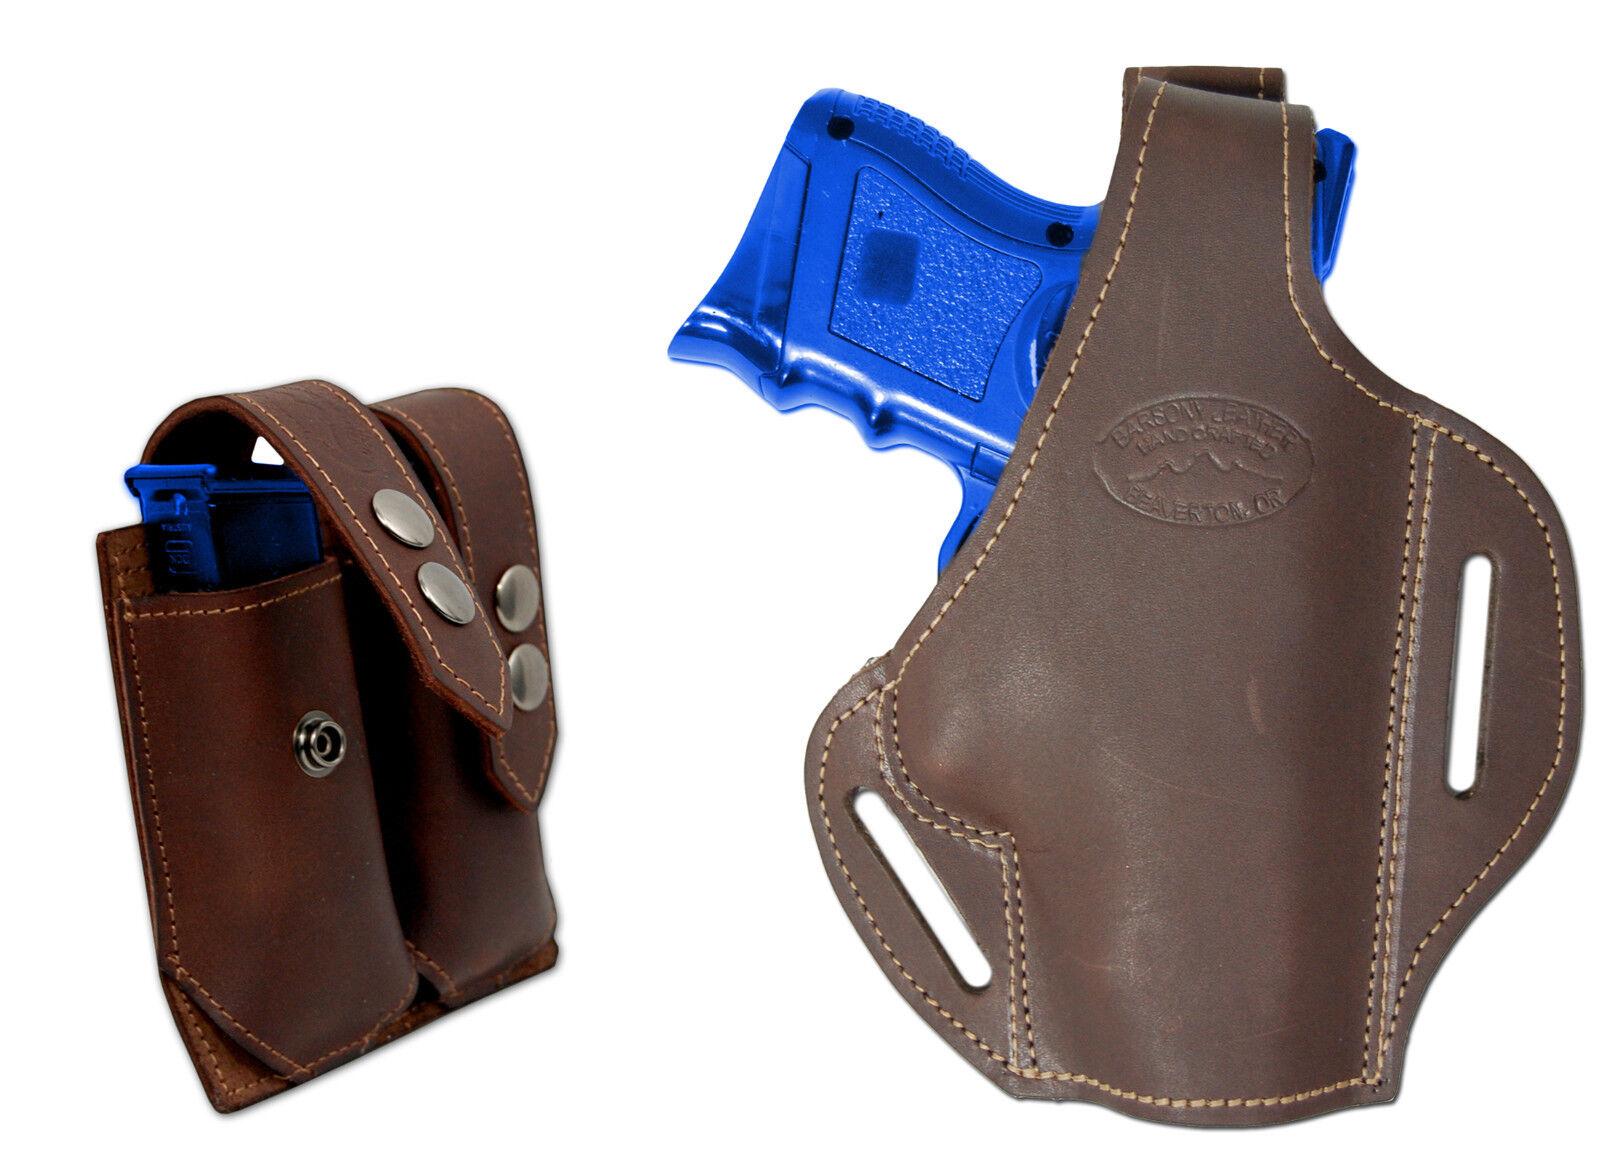 Nuevo marrón cuero panqueque Funda Pistola + Dbl Mag Pouch s&w m&p Compacto 9mm 40 45